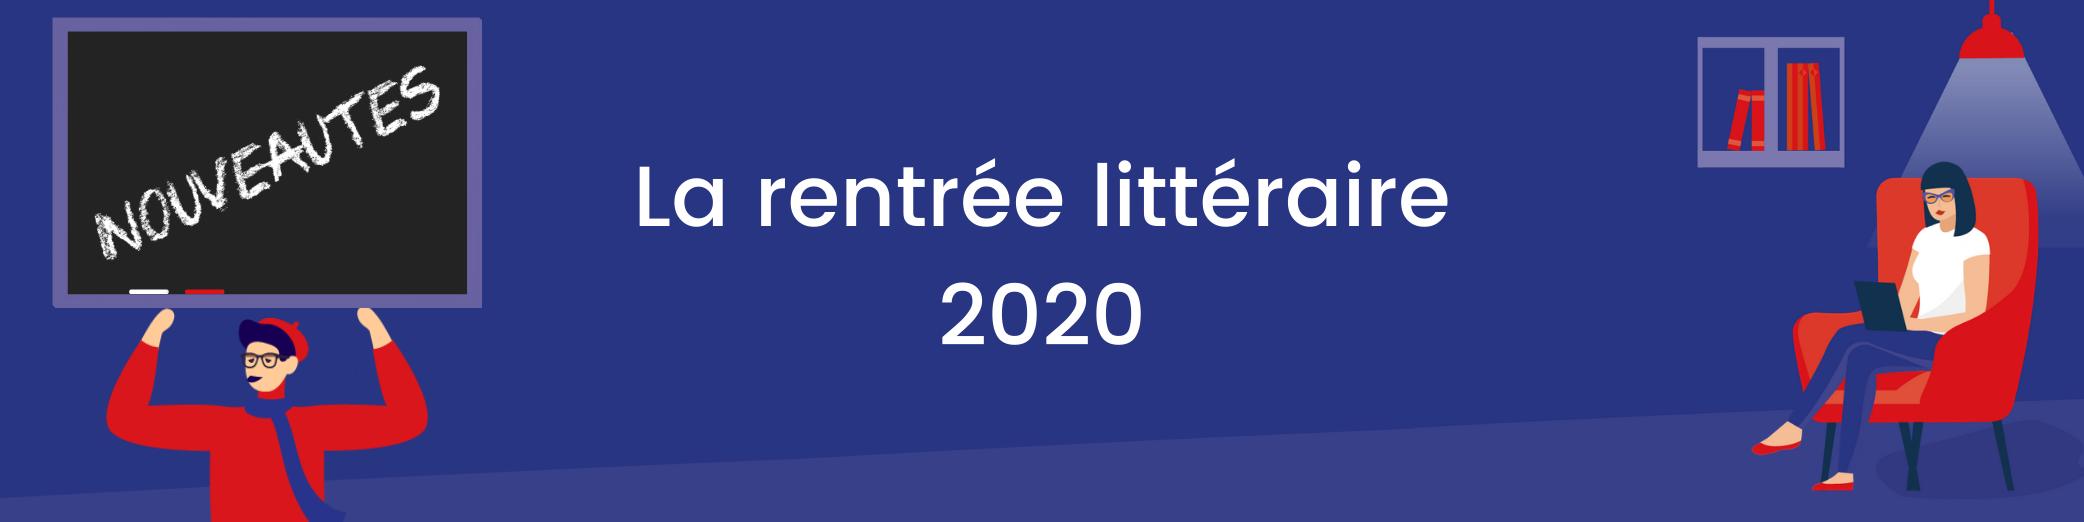 Image : La rentrée littéraire 2020